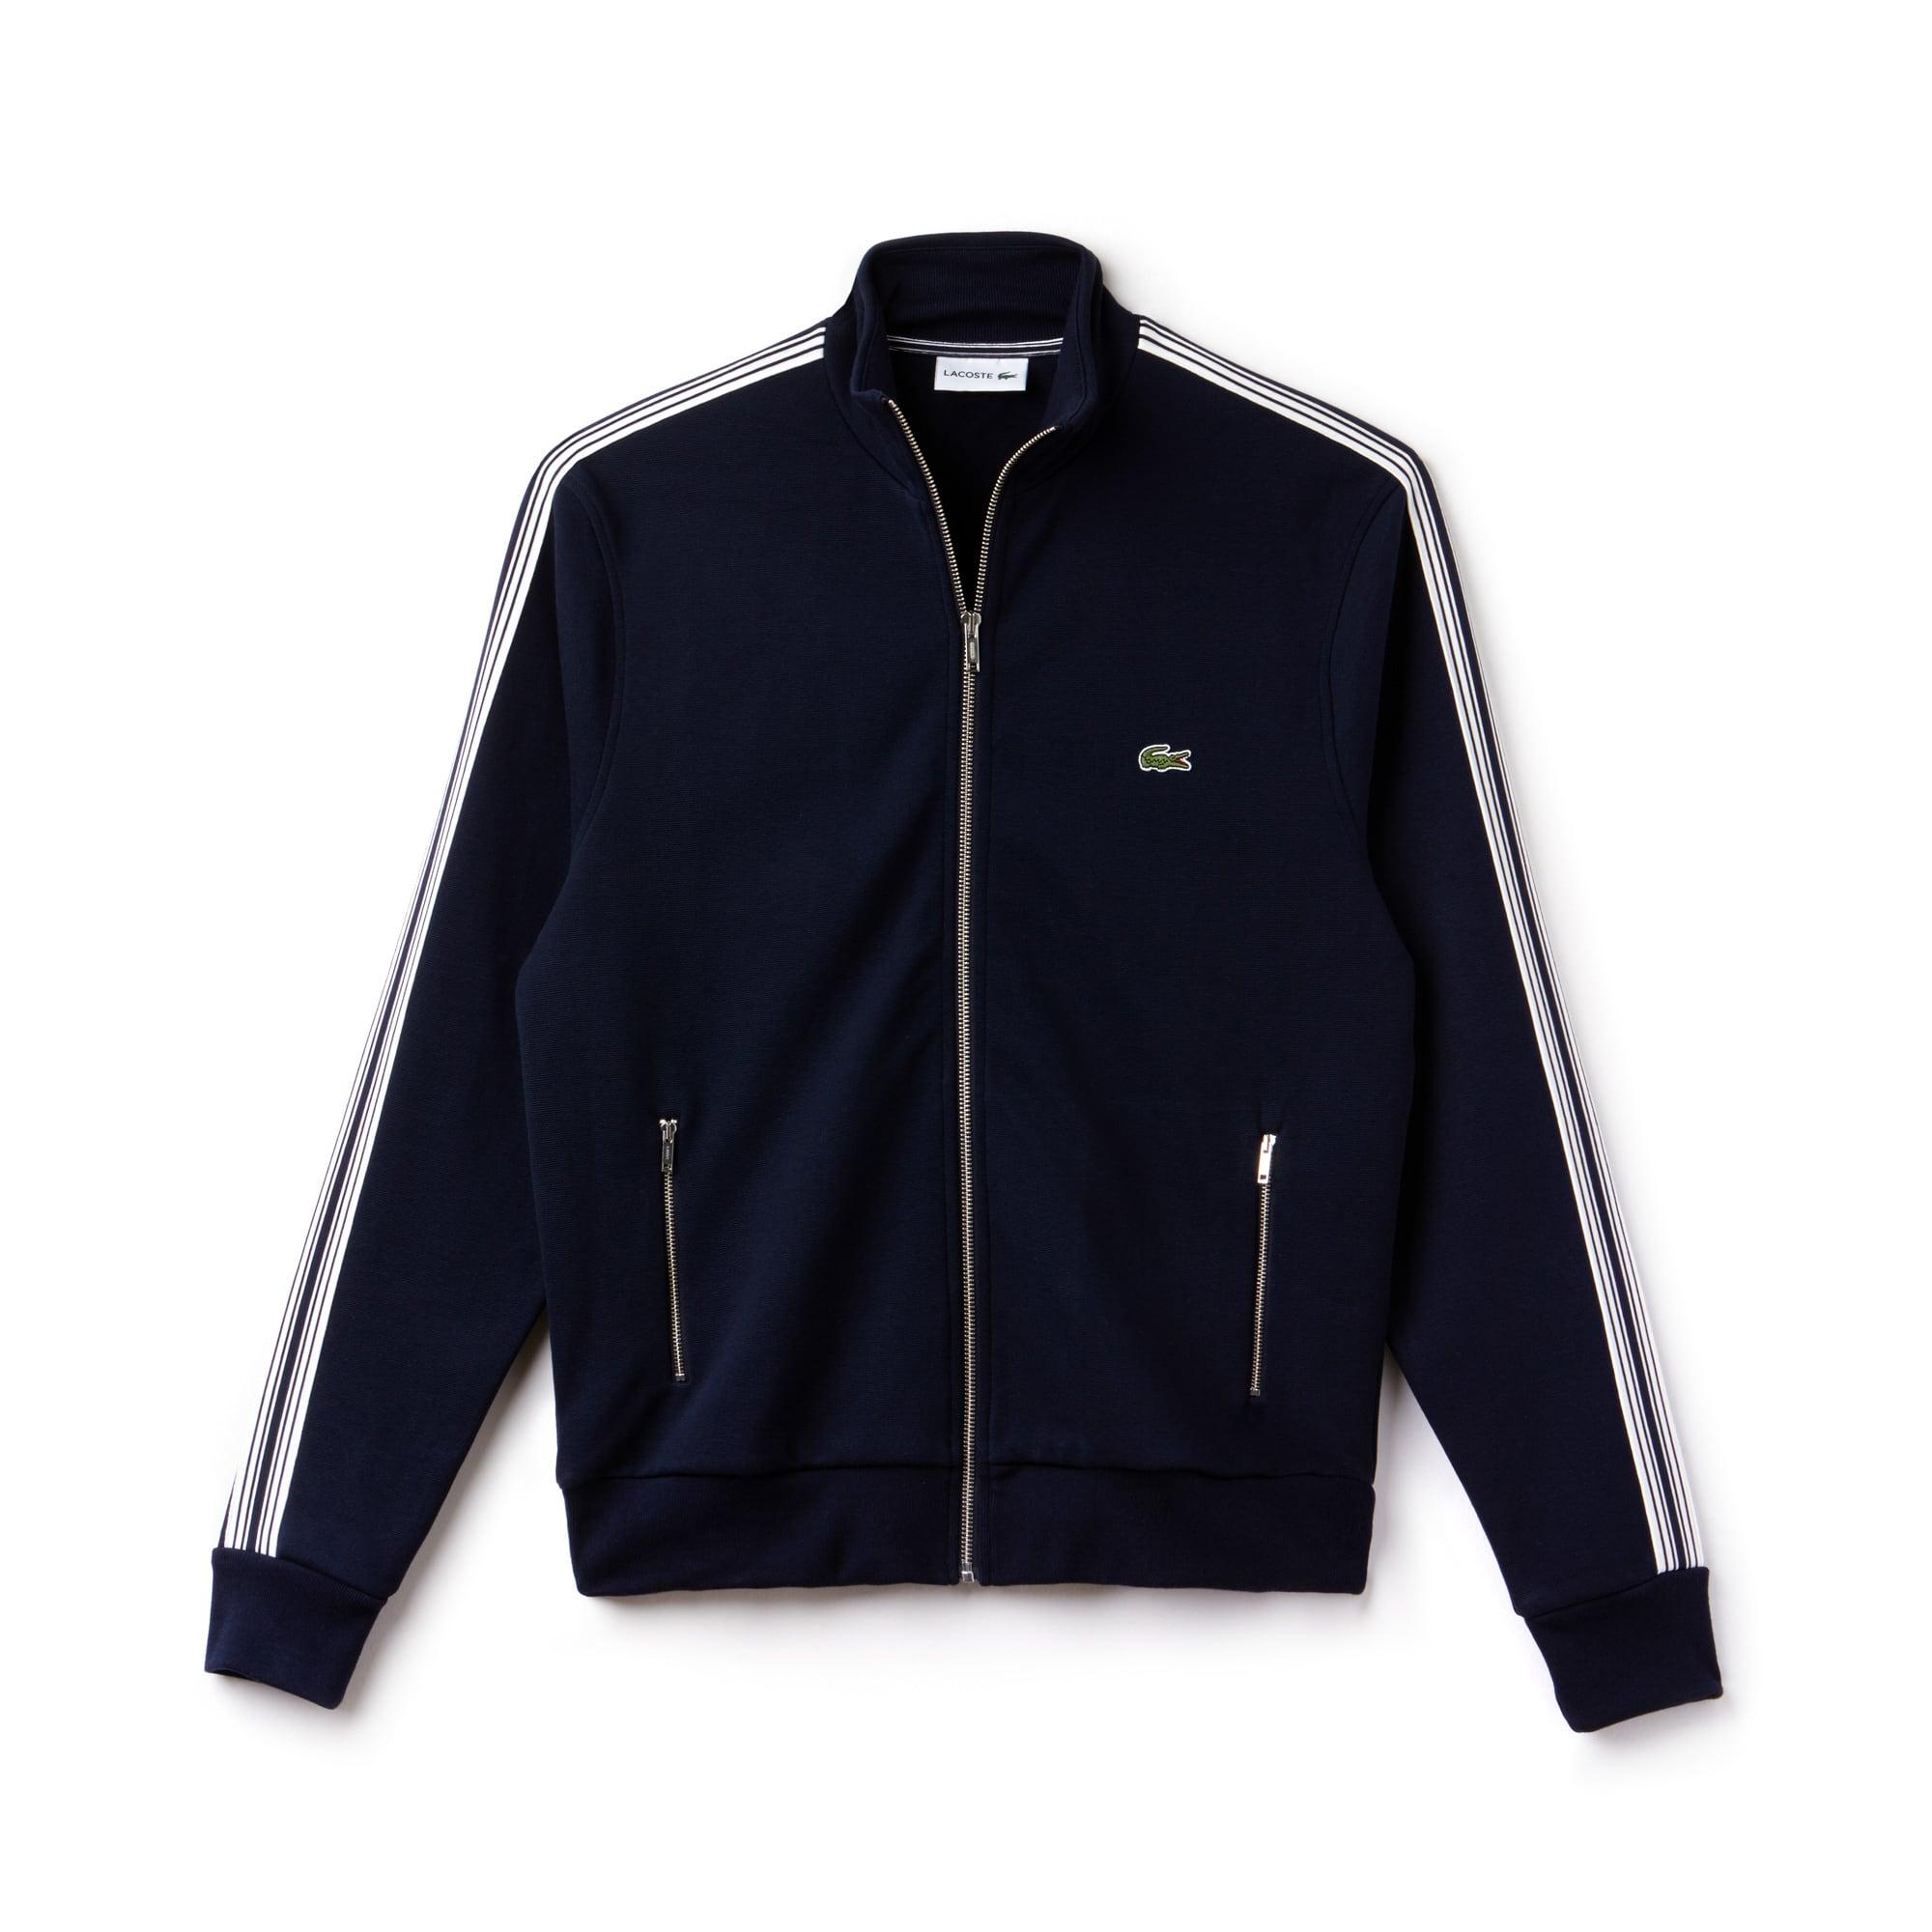 Men's Contrast Bands Milano Cotton Zip Sweatshirt